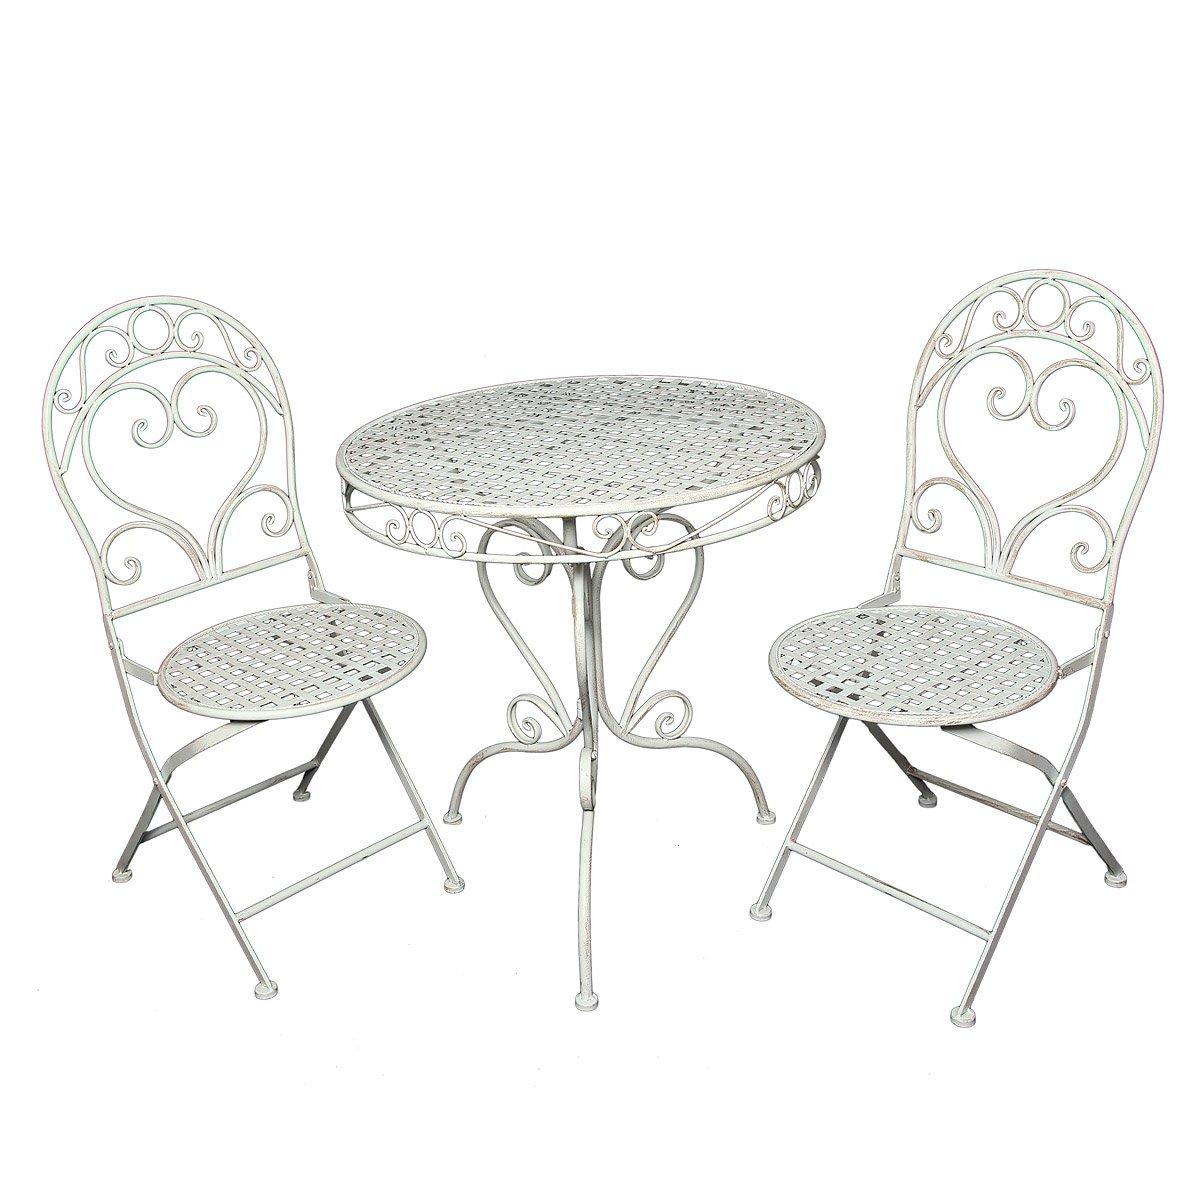 Ambiente Haus 94512 Tisch und 2 Stuhl Set, weiß bestellen